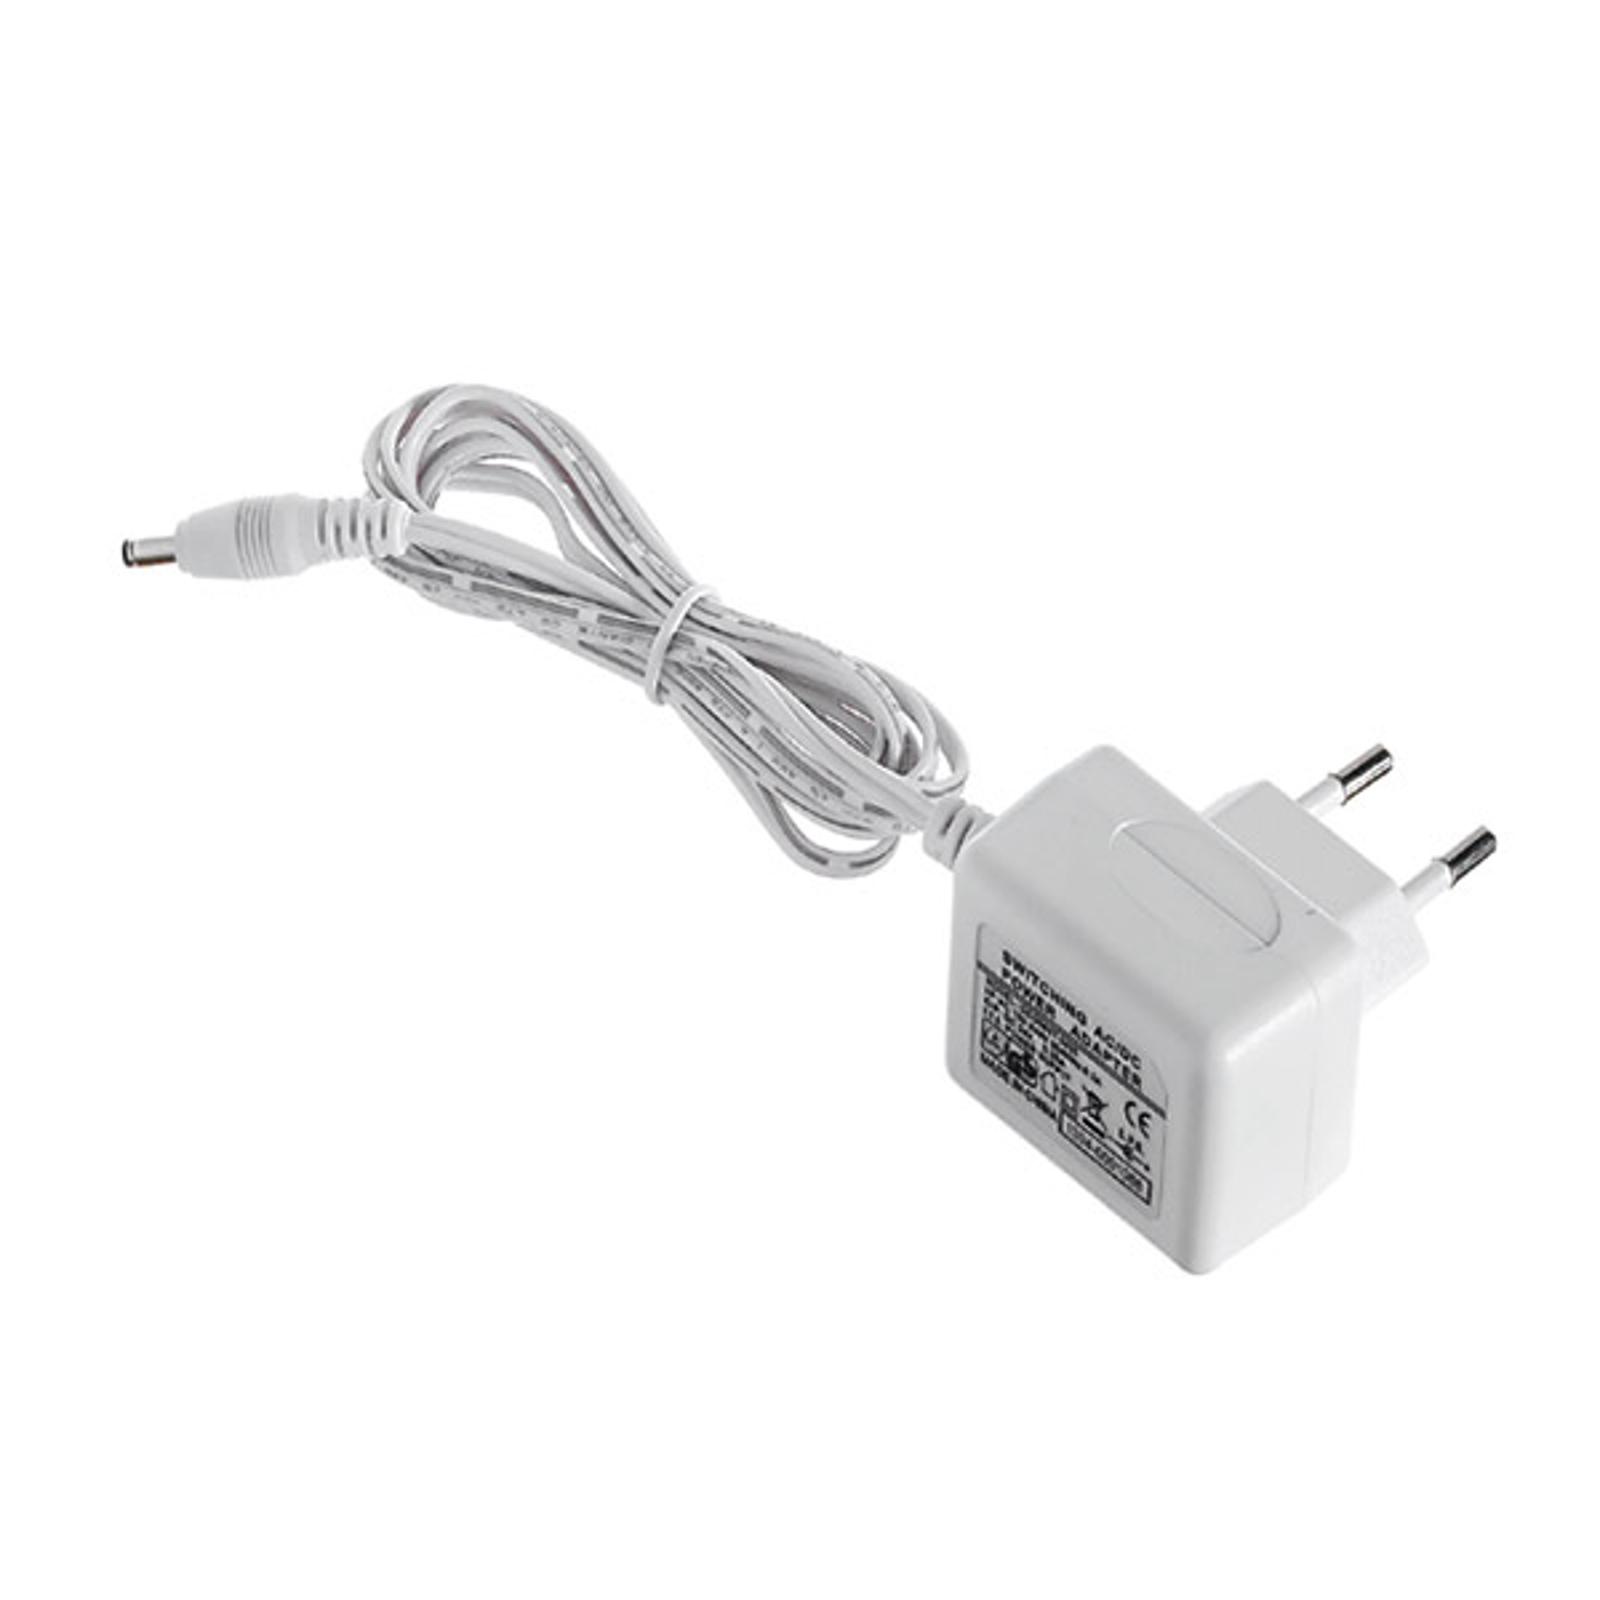 LED-drivdon 6 W, 24 V för Fabas Luce Galway 6690